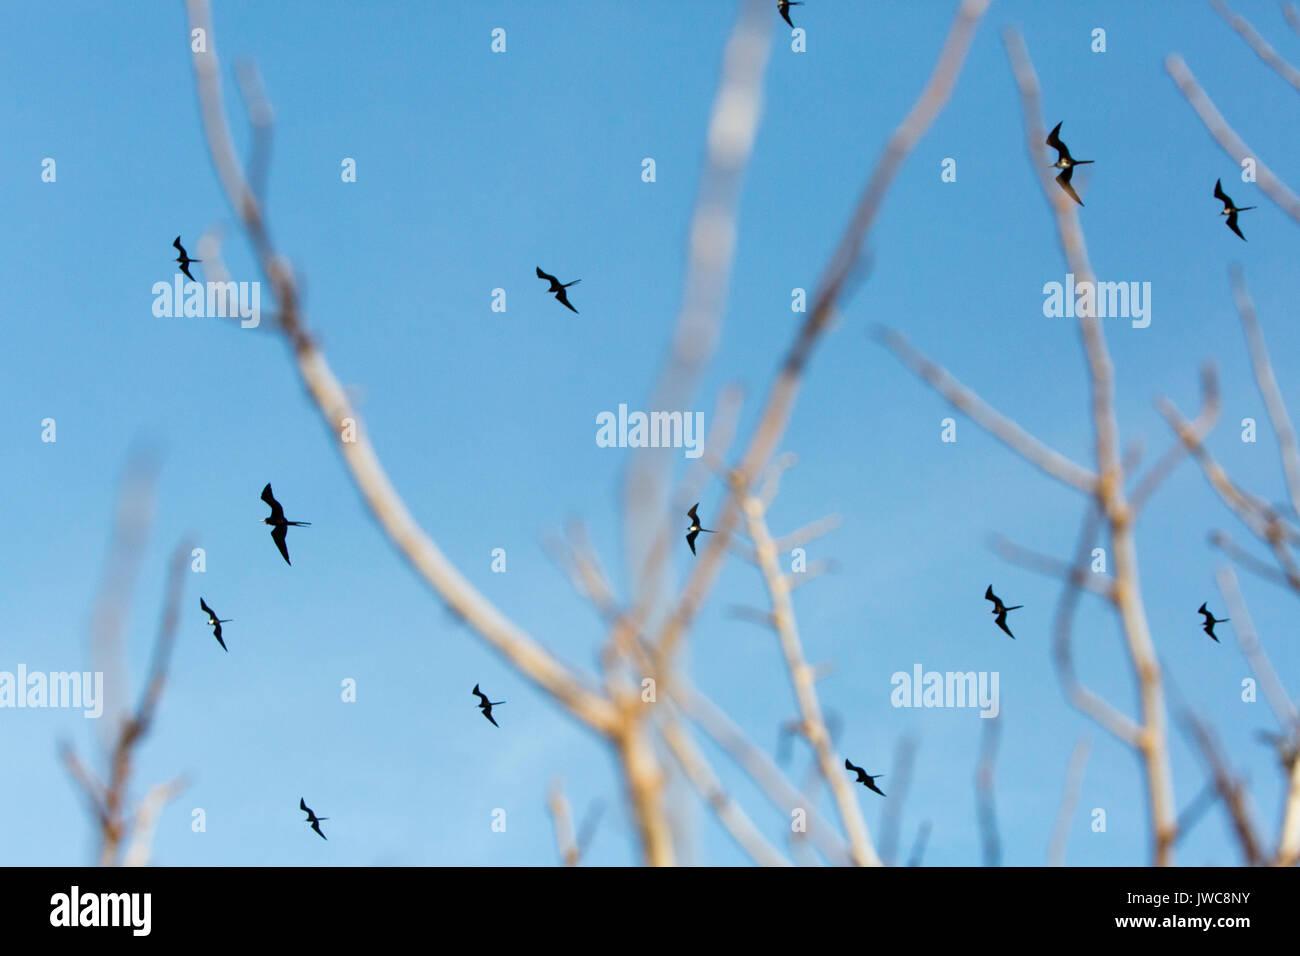 Viele Fregatte Vögel fliegen vor einem blauen Himmel und sind durch die Äste eingerahmt. Stockbild